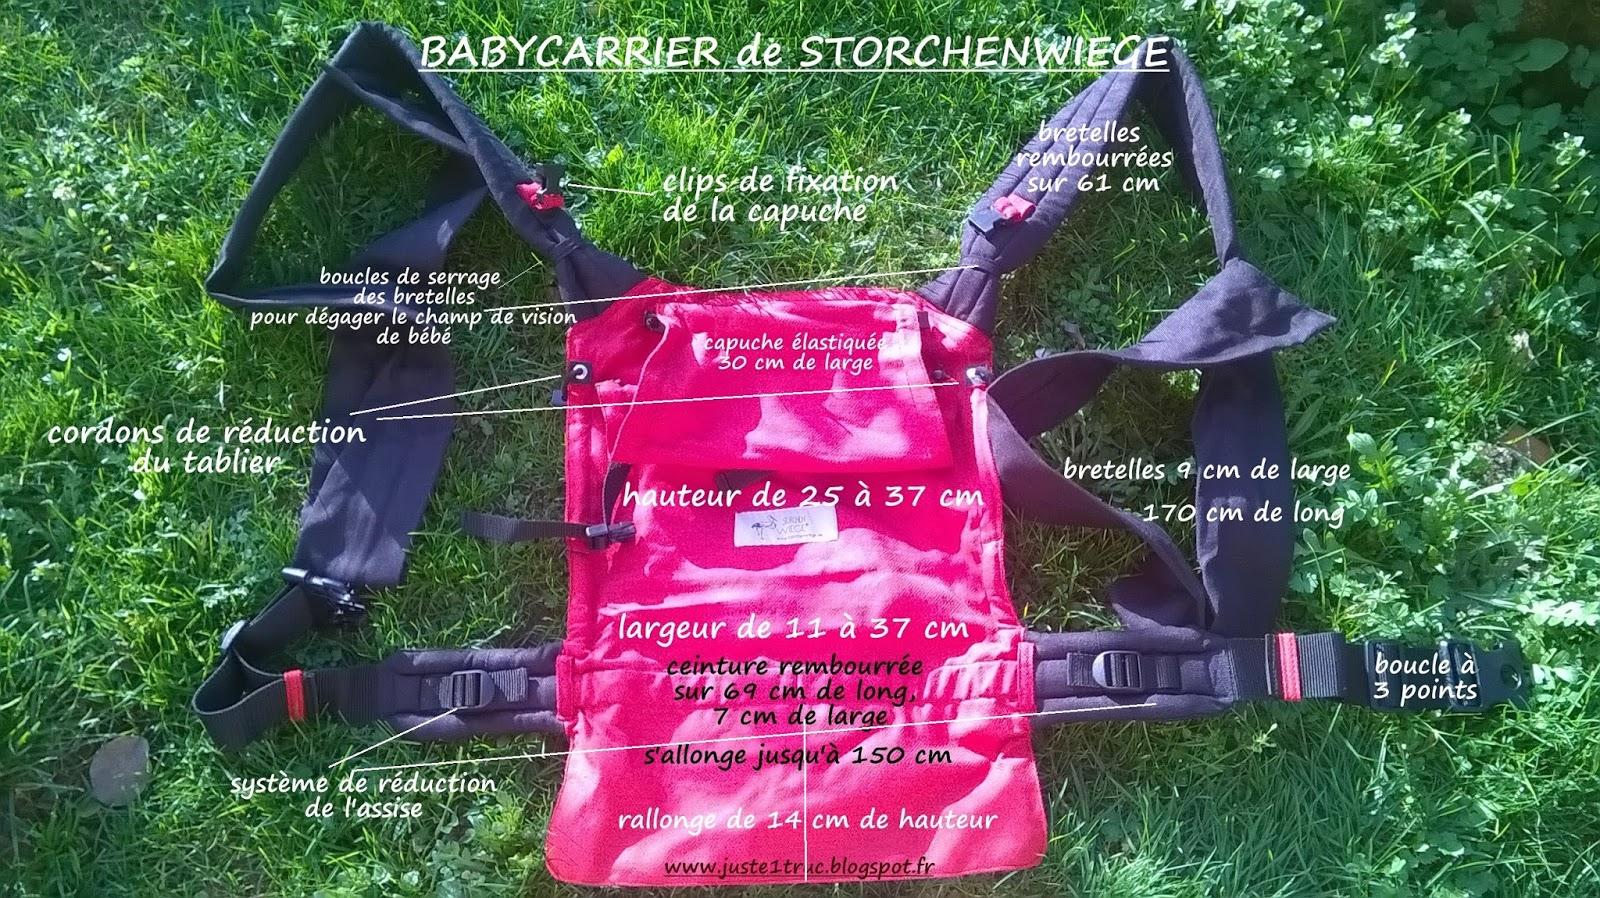 babycarrier storchenwiege porte-bébé meitai mei-tai portage bébé porter  test dimensions hybride clip 78ac0143112